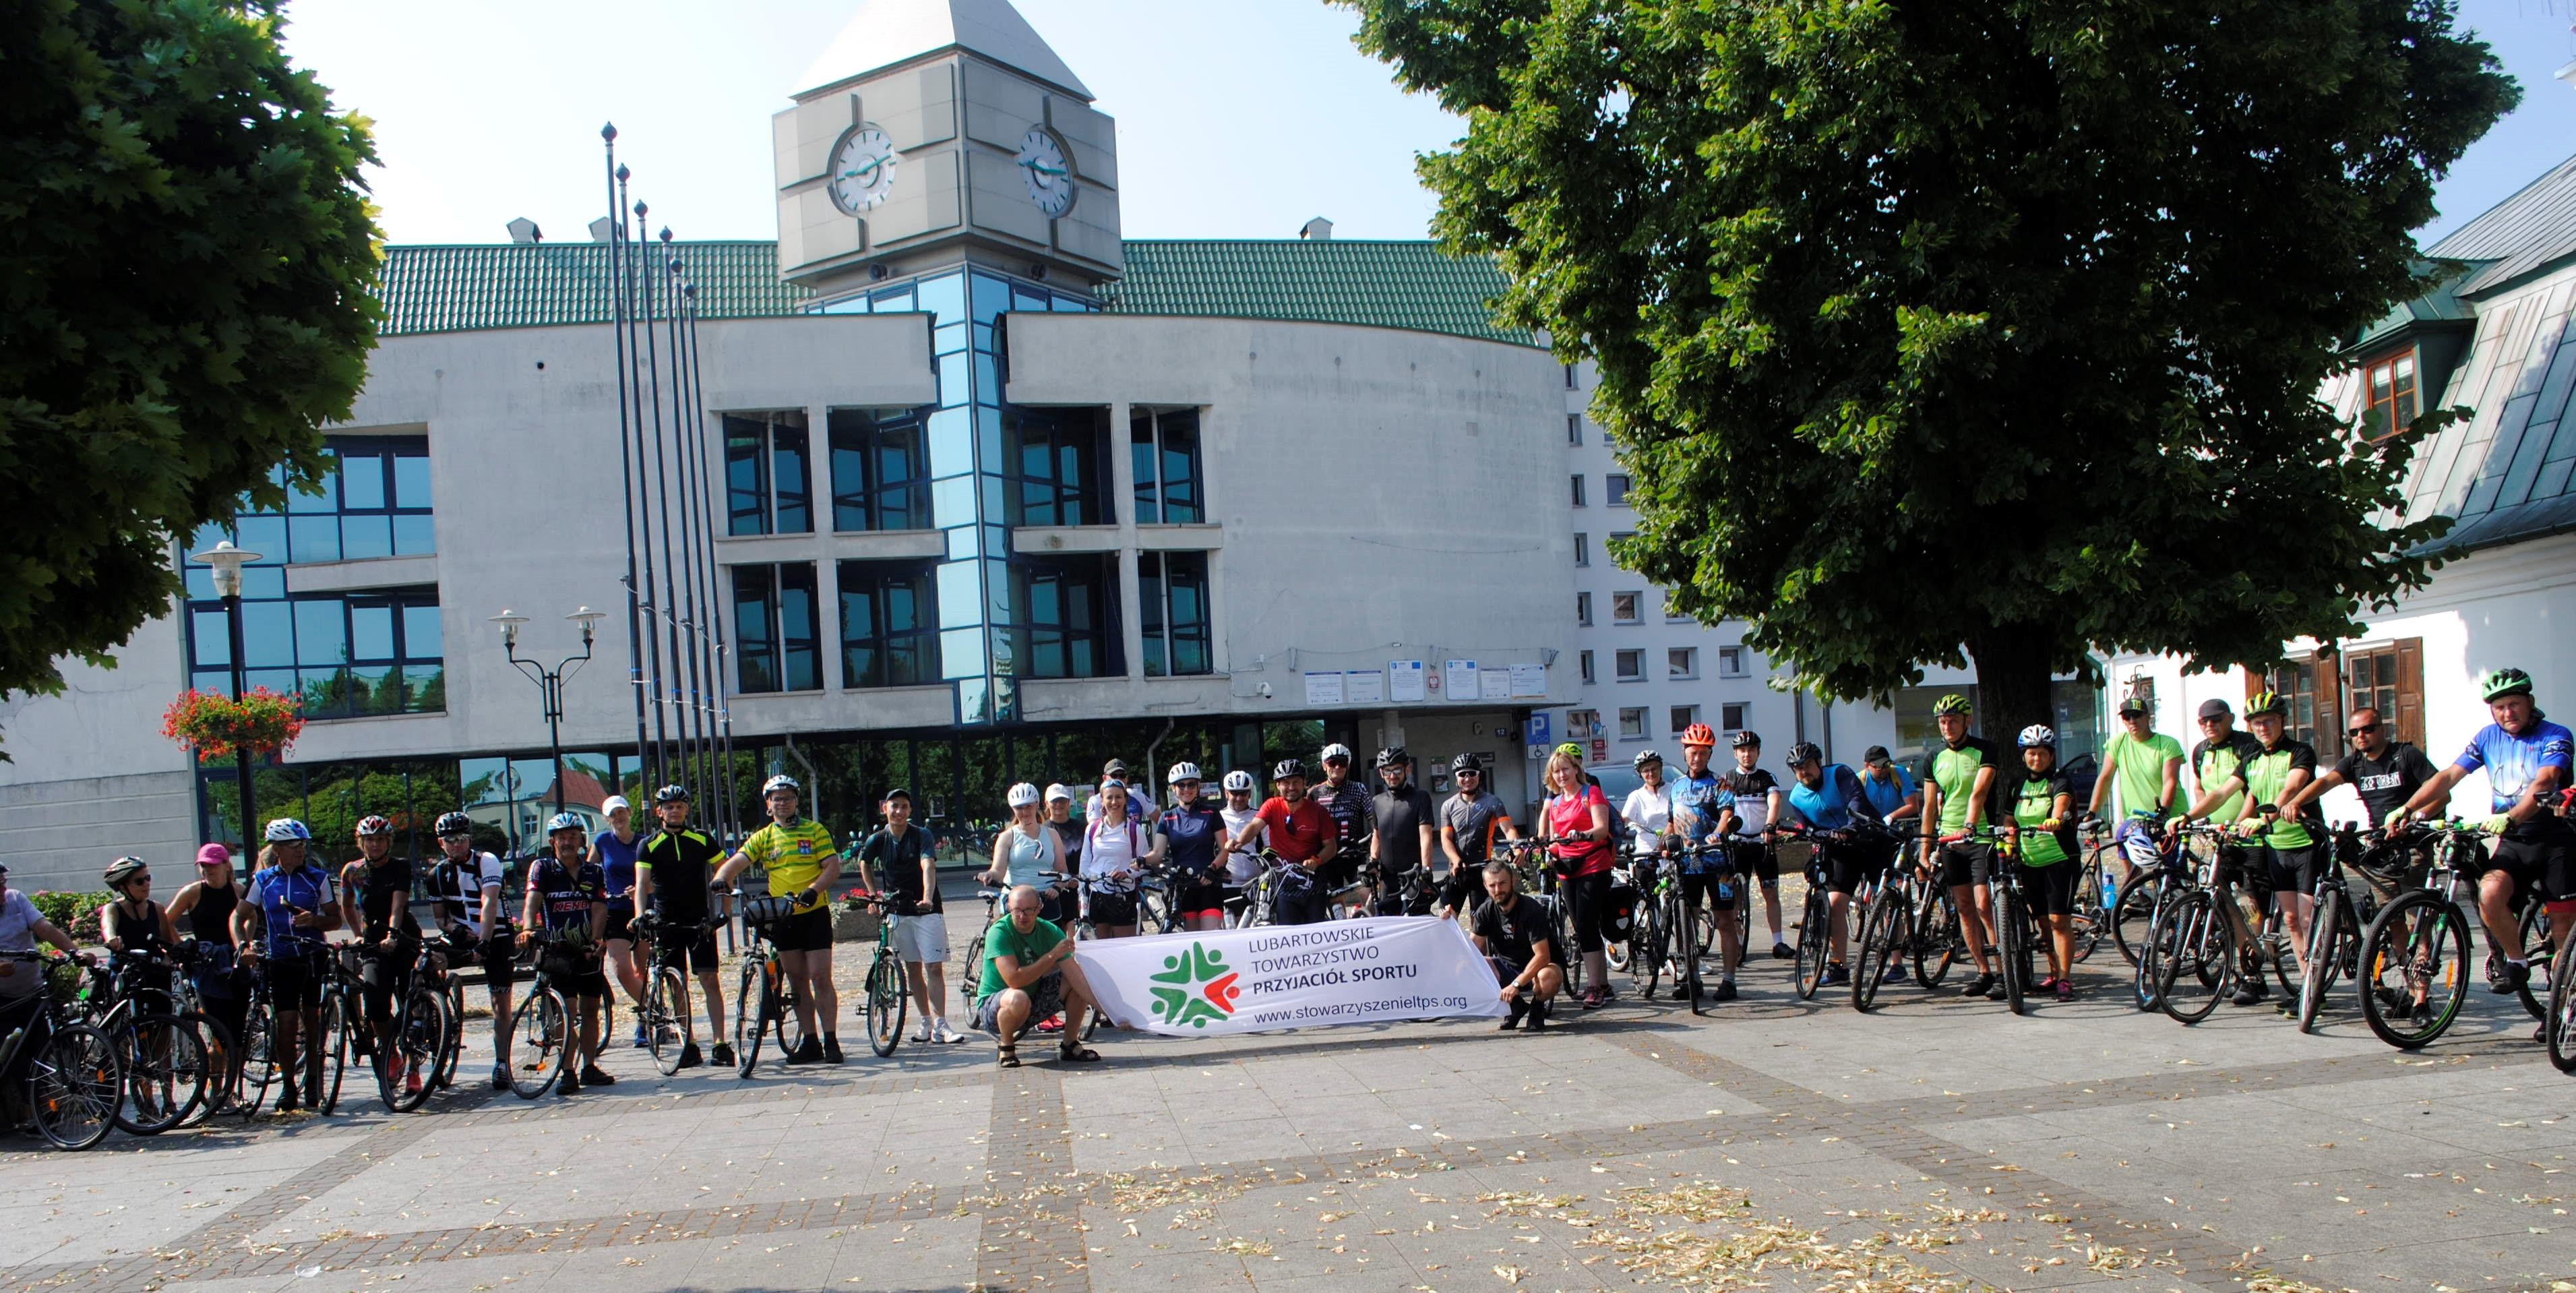 Pół setki rowerzystów wyruszyło z Lubartowa. Mają do wyboru trasę 50 lub 100 kilometrów - Zdjęcie główne